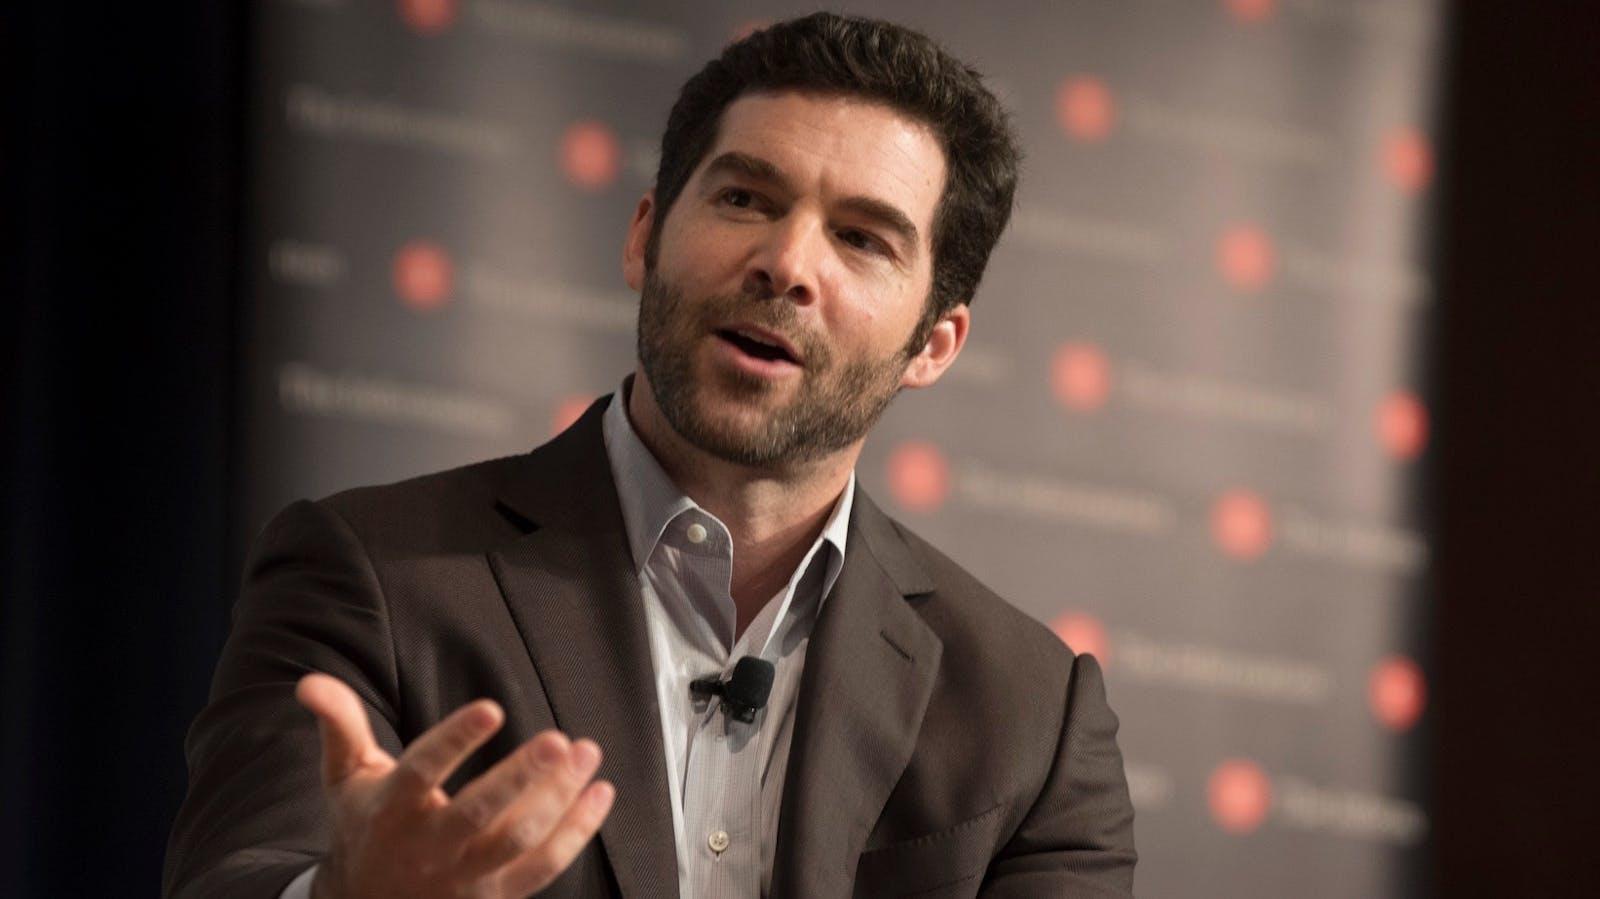 LinkedIn CEO Jeff Weiner. Photo by Erin Beach.